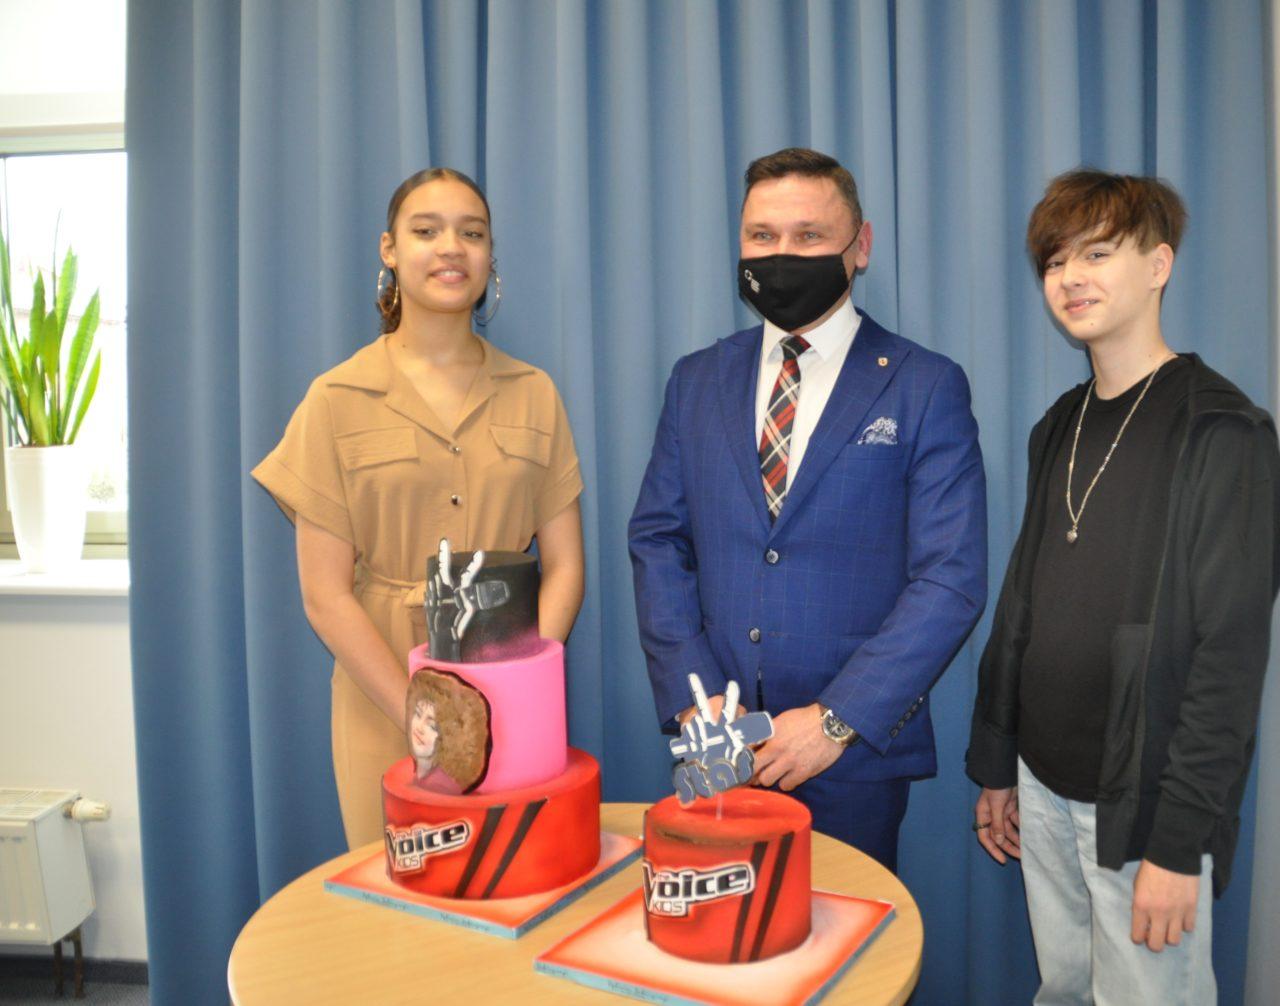 – Pięknie reprezentowaliście Słubice – dziękował burmistrz zwyciężczyni The Voice Kids i uczestnikowi programu